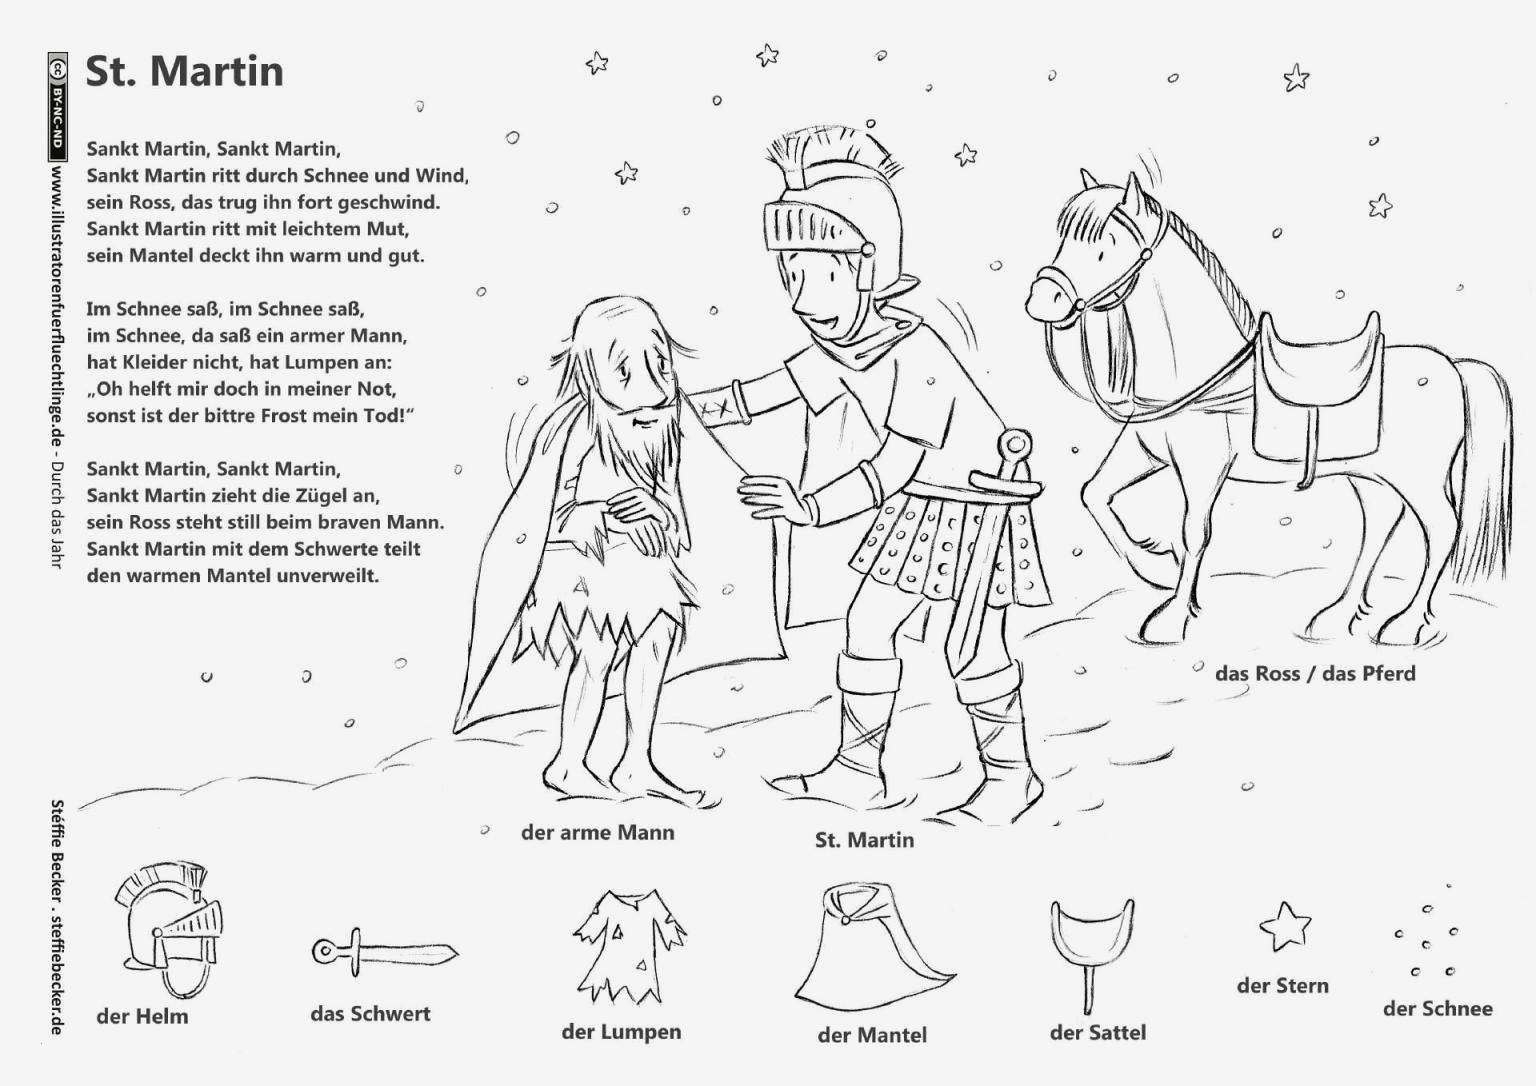 Einhorn Bilder Zum Ausmalen Genial Einhorn Malvorlage Kinder Verschiedene Bilder Färben Bayern Bild